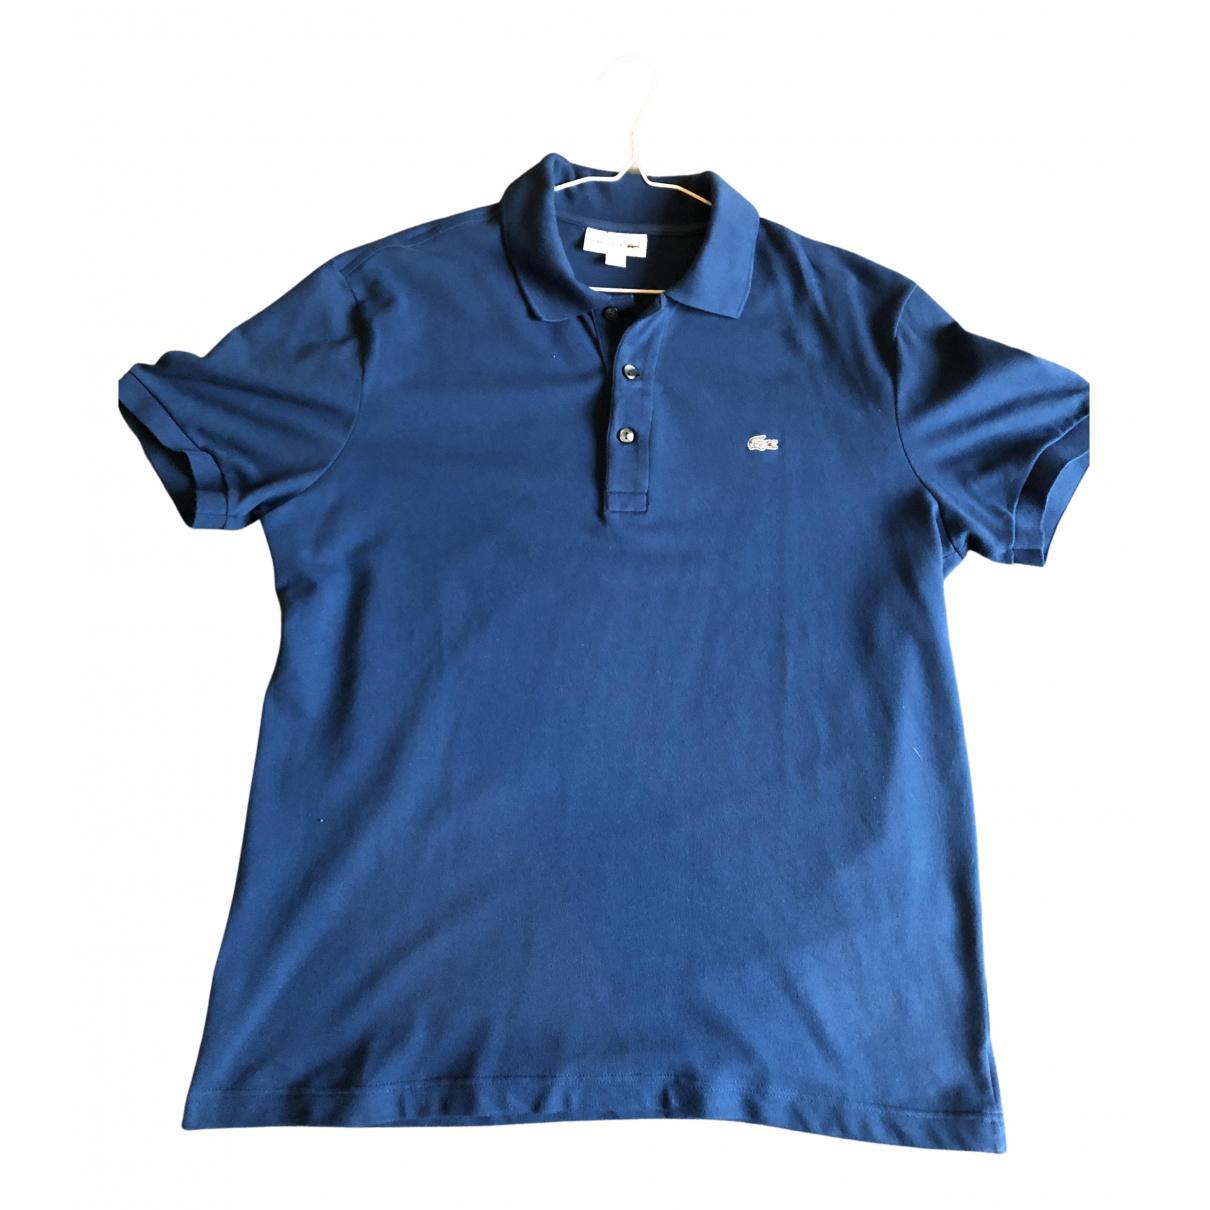 Polo en Algodon Azul Lacoste